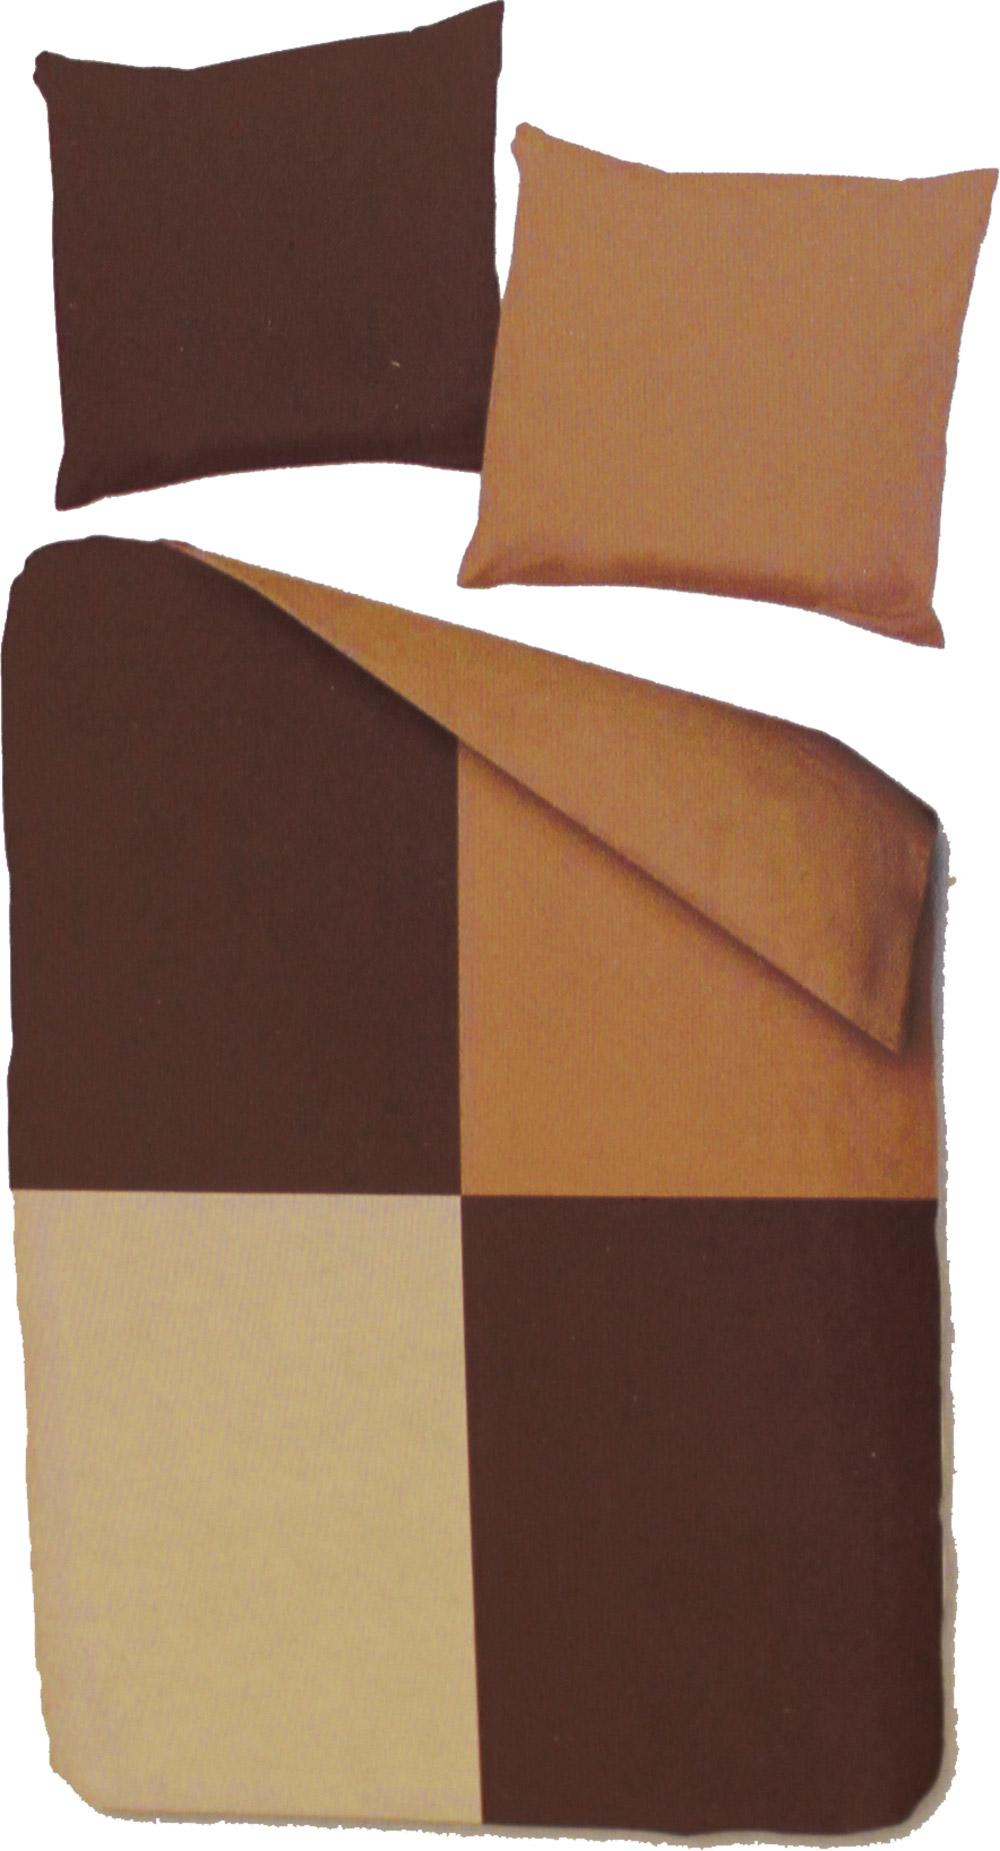 fleece winter wende bettw sche bergr e 155x220 80x80cm braun beige patchwork karo. Black Bedroom Furniture Sets. Home Design Ideas